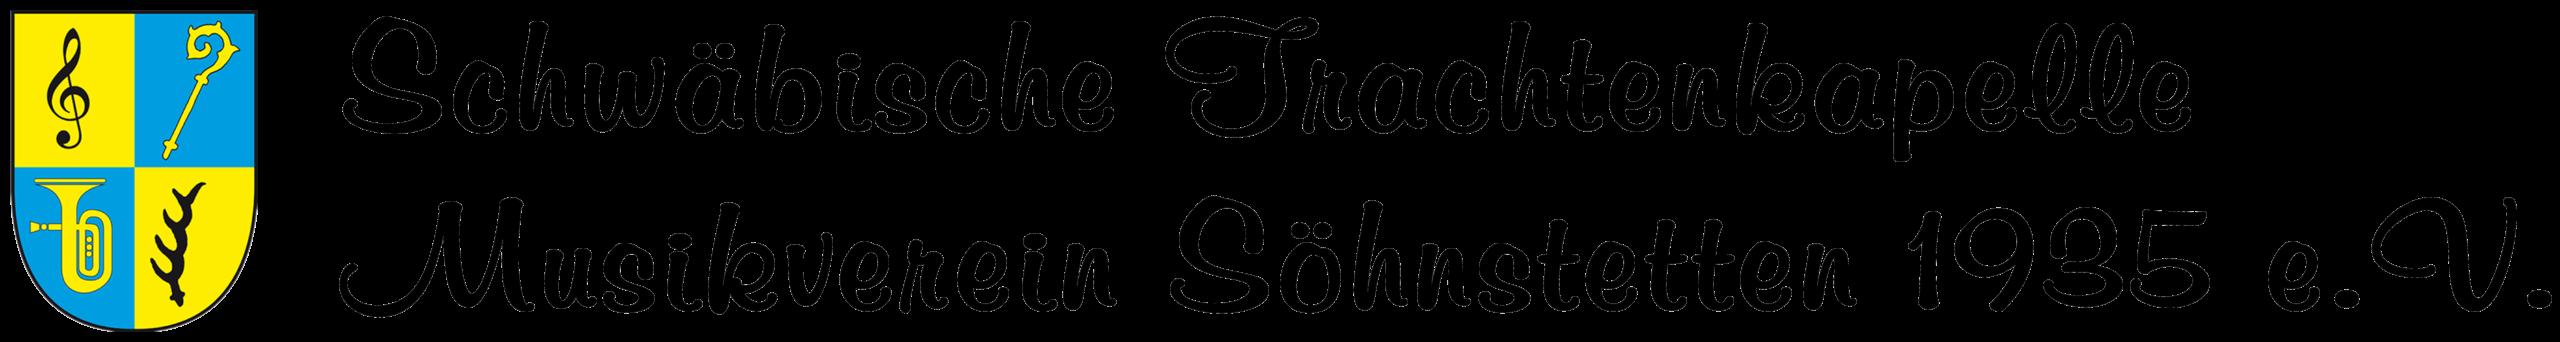 Musikverein Söhnstetten